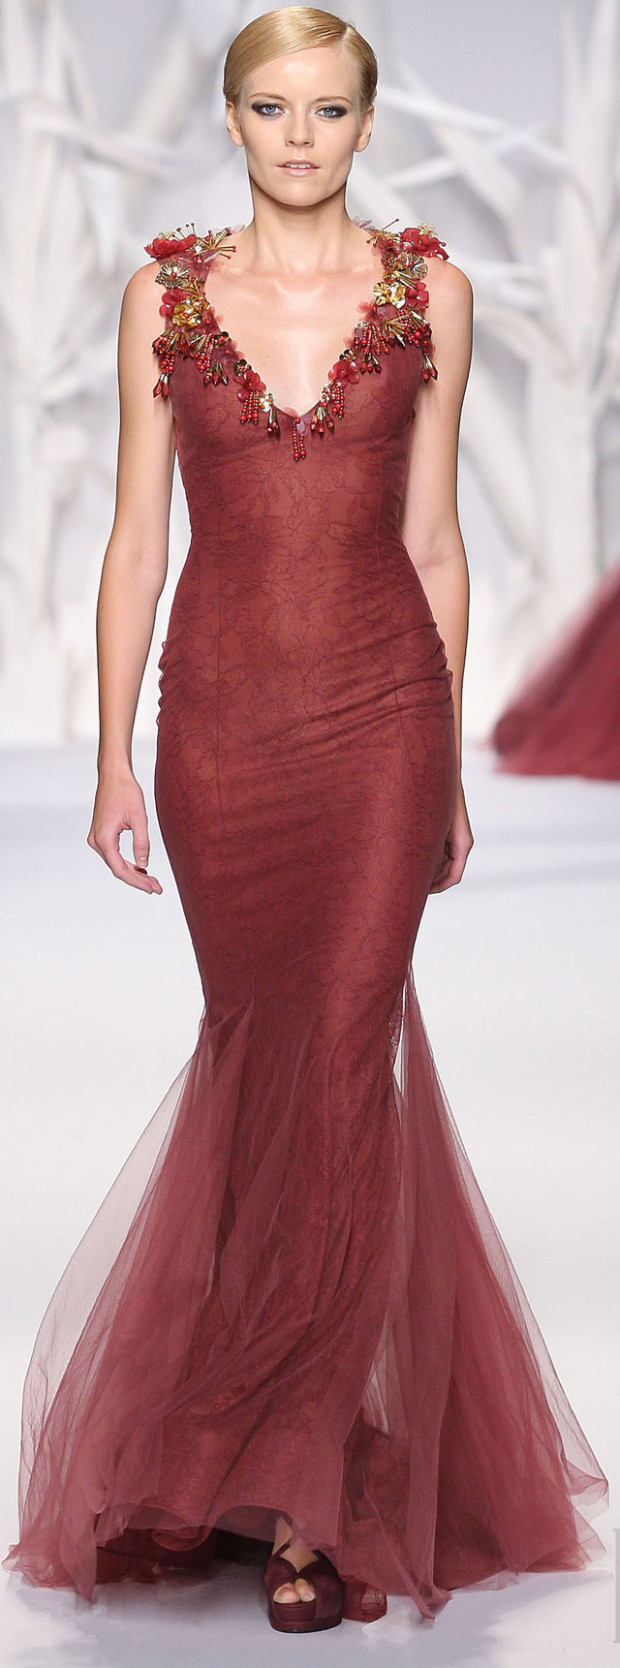 احدث تشكيلة من تصميمات عابد محفوظ لفساتين السهرة لربيع وصيف 2015